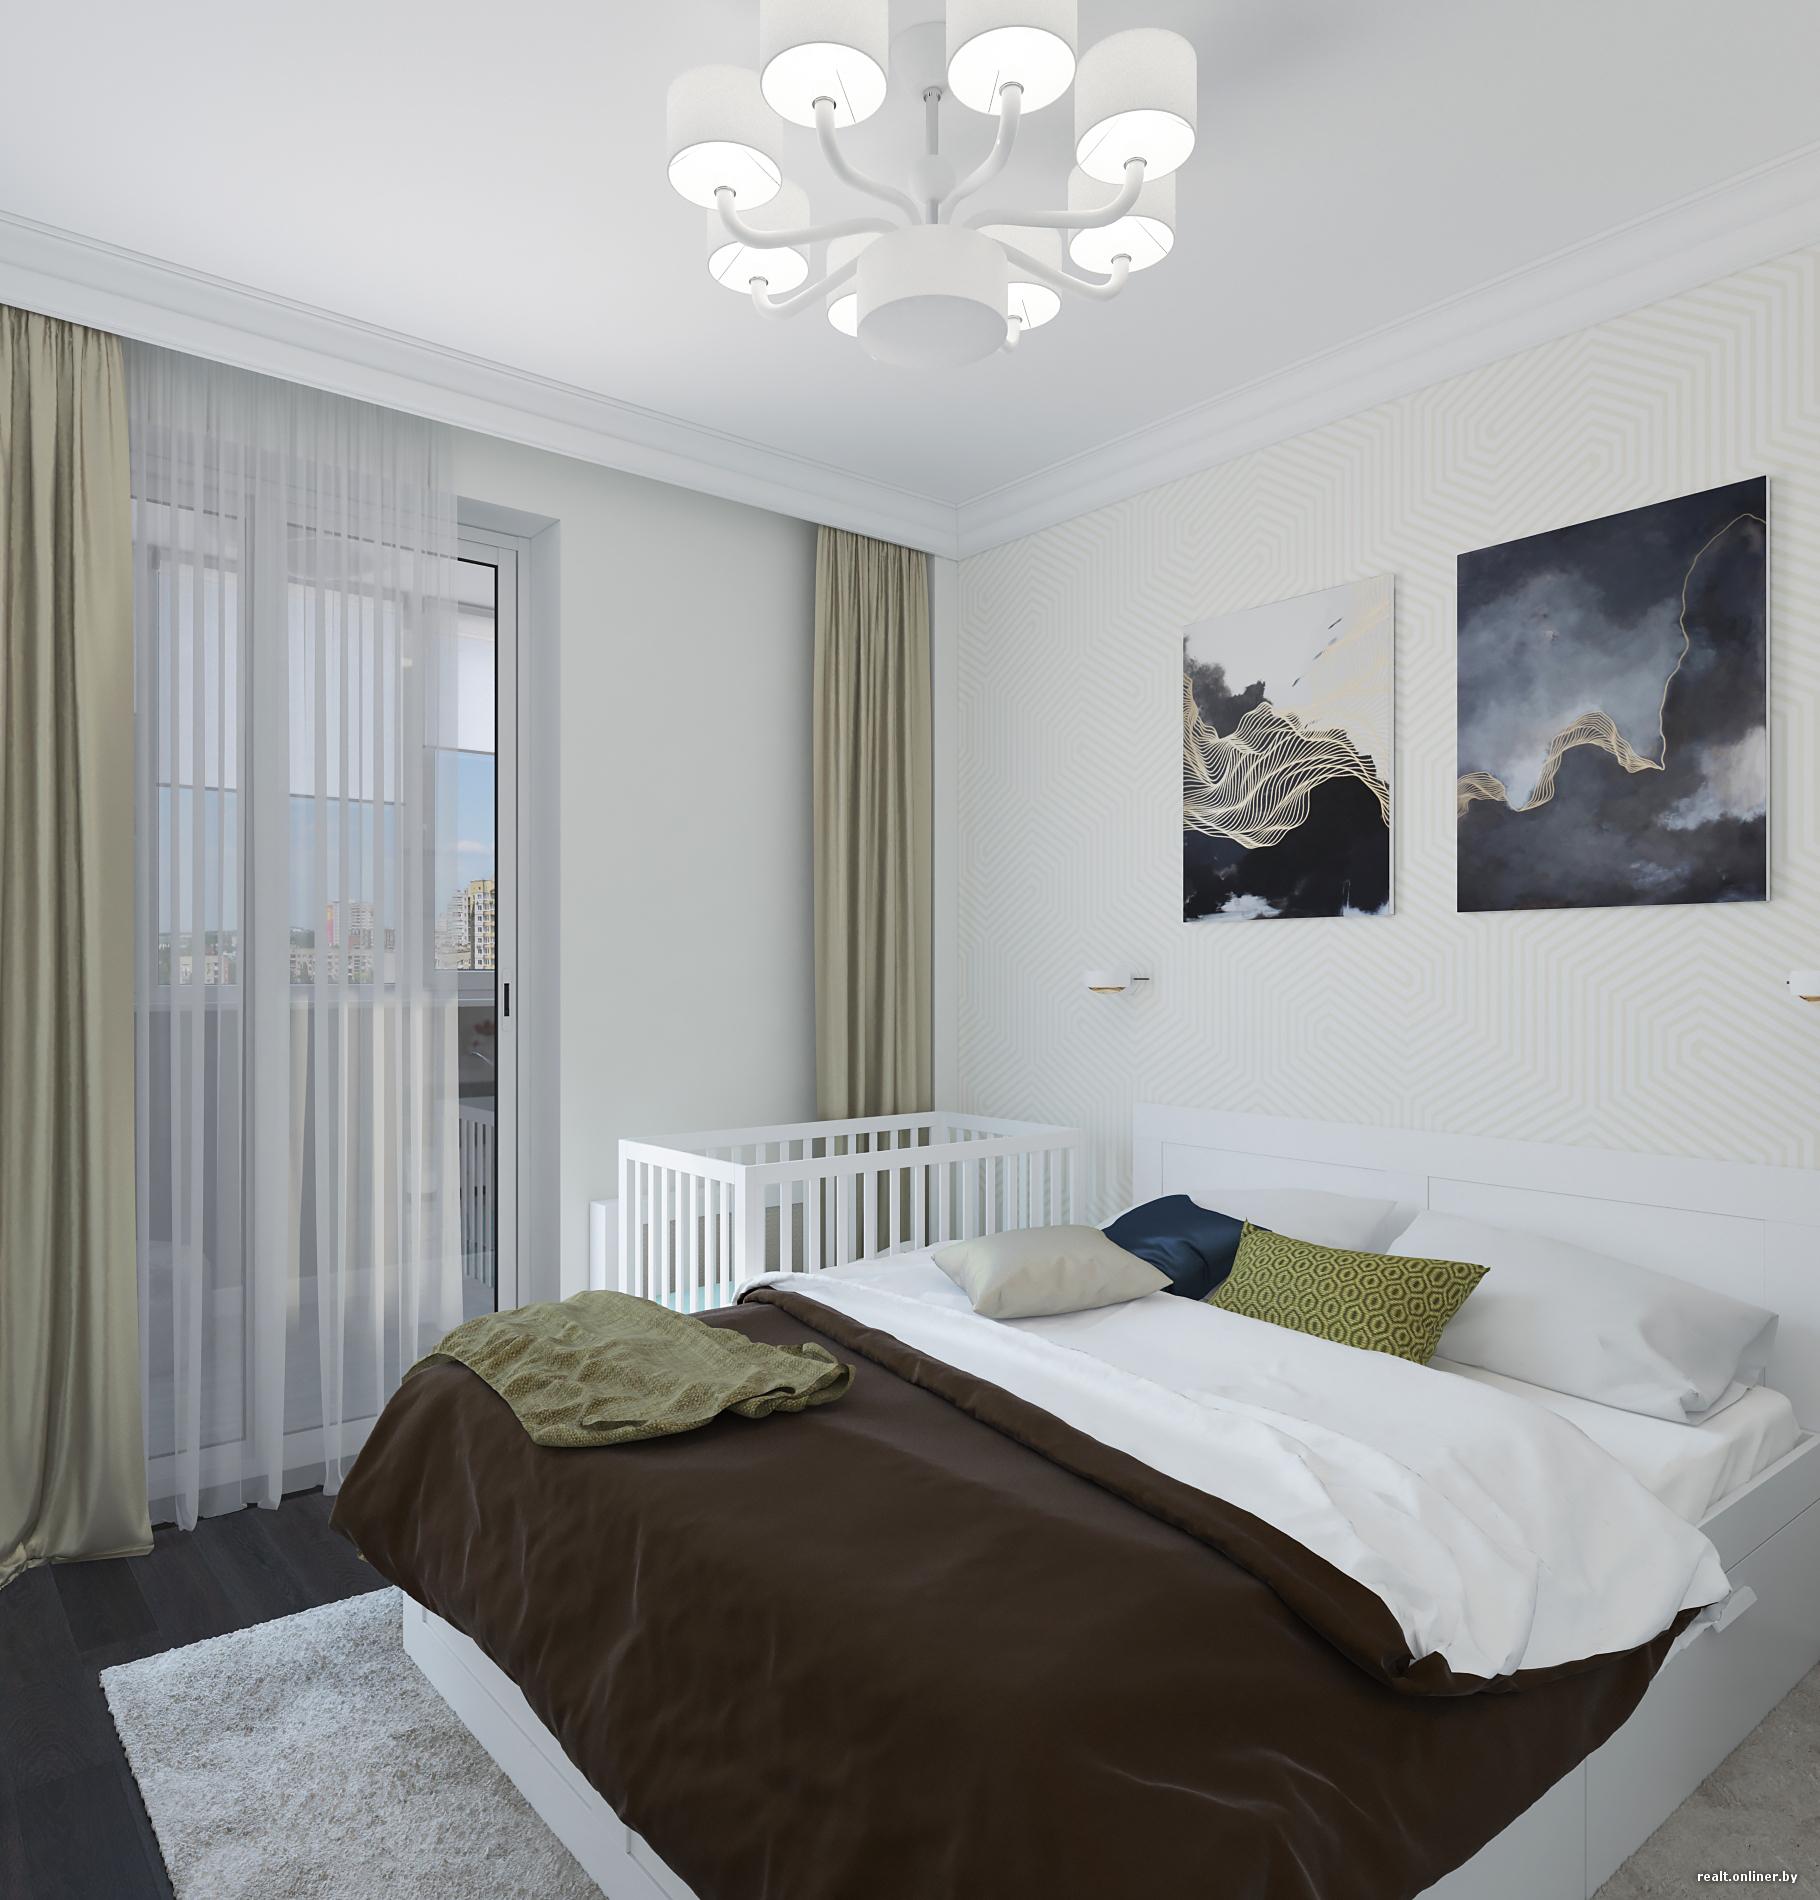 Две супружеские пары разделили одну кровать смотреть онлайн фото 255-675